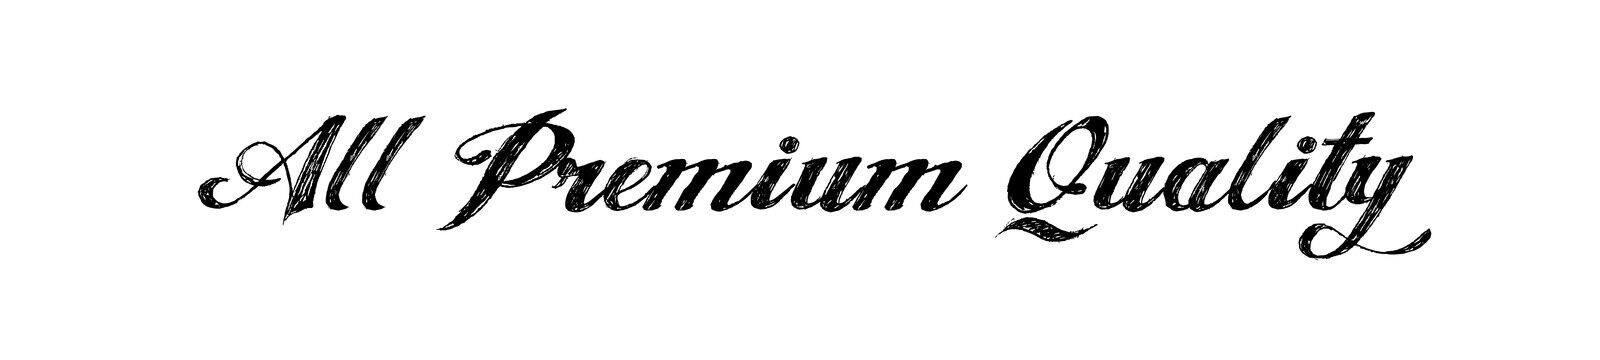 All Premium Quality